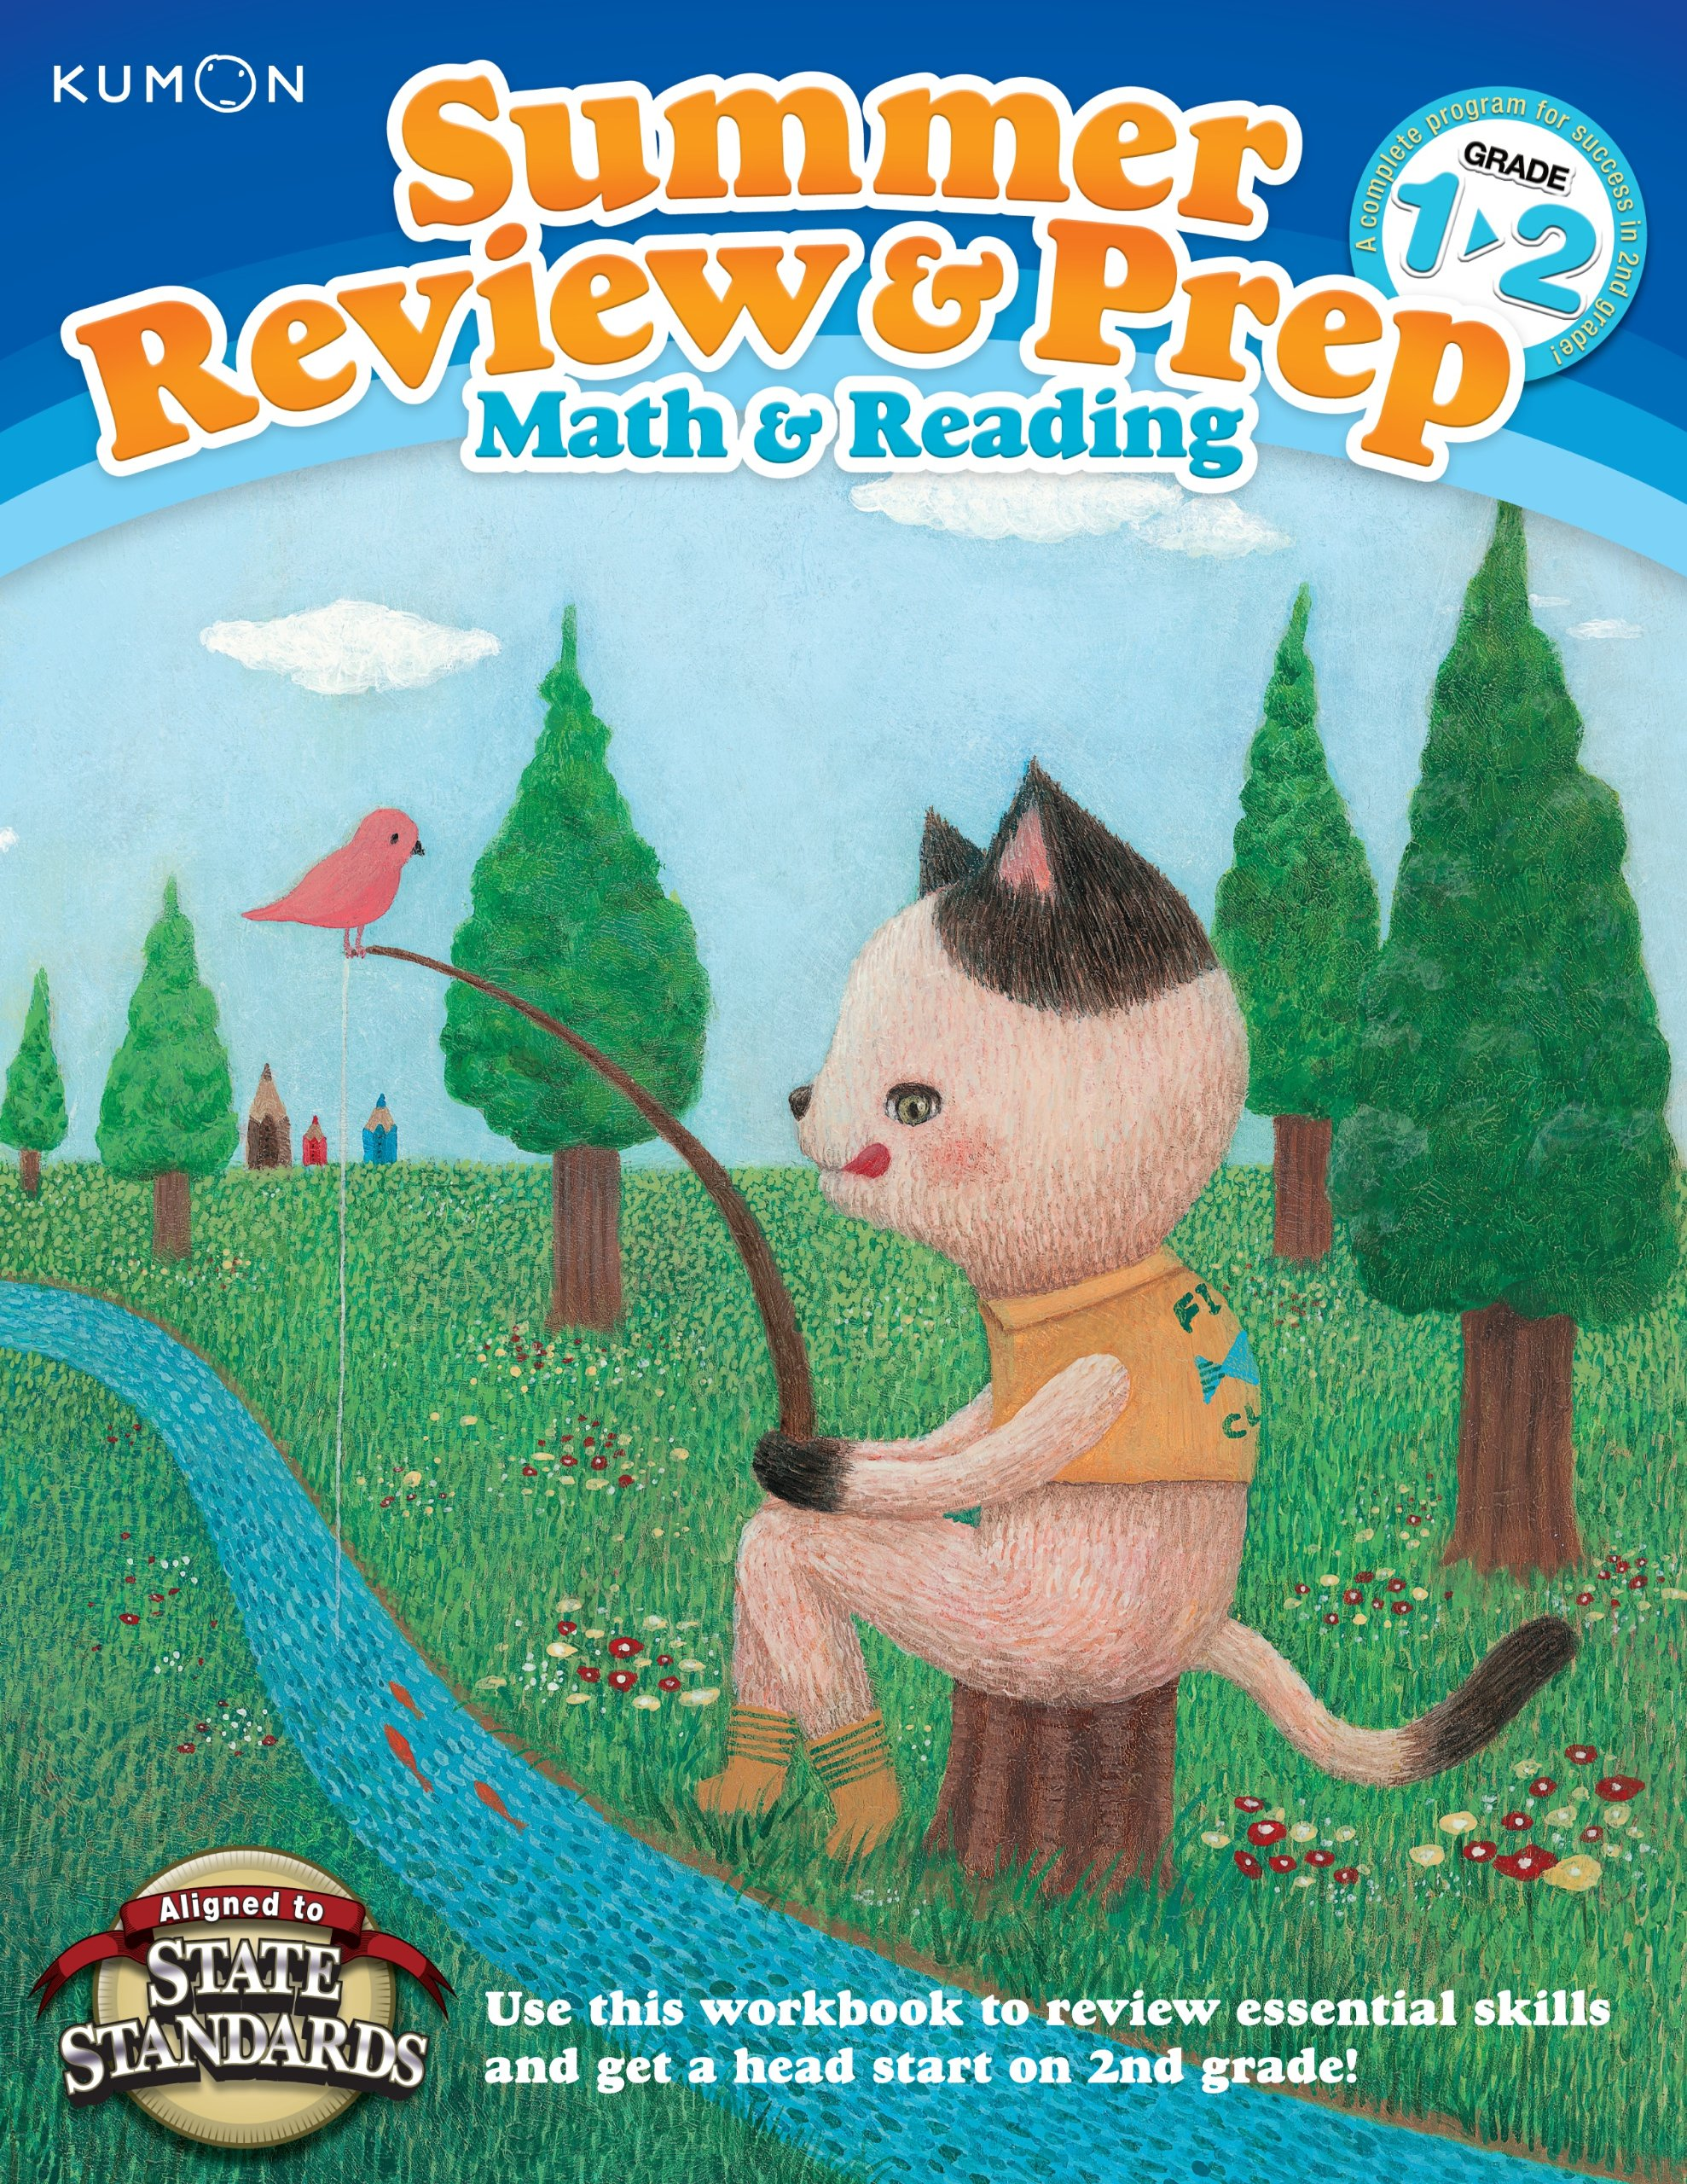 Kumon Summer Review & Prep Workbooks 1 2 Kumon Publishing